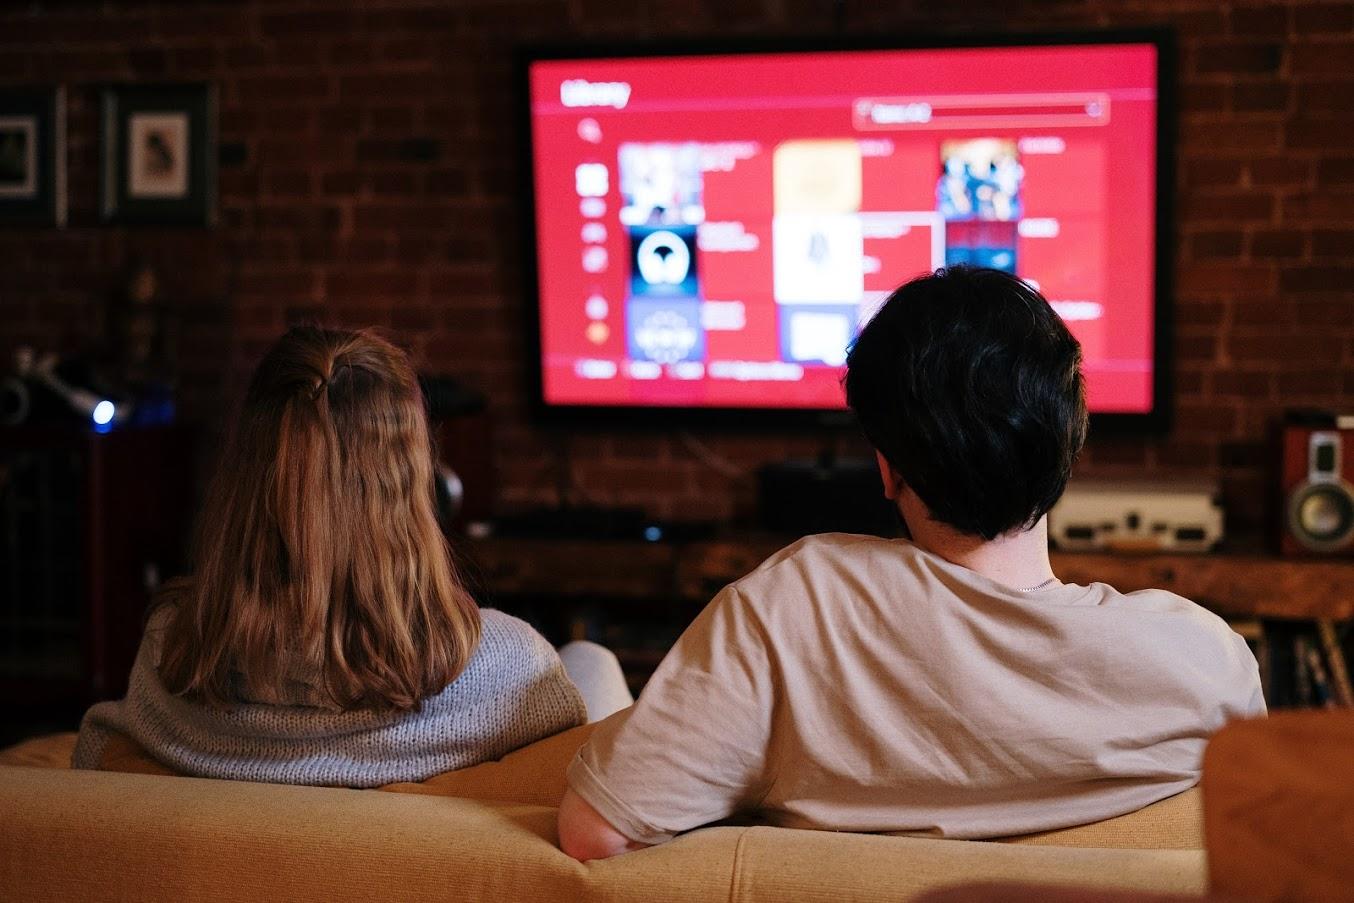 Bonus tv 2021 da 100 euro - Foto di cottonbro da Pexels